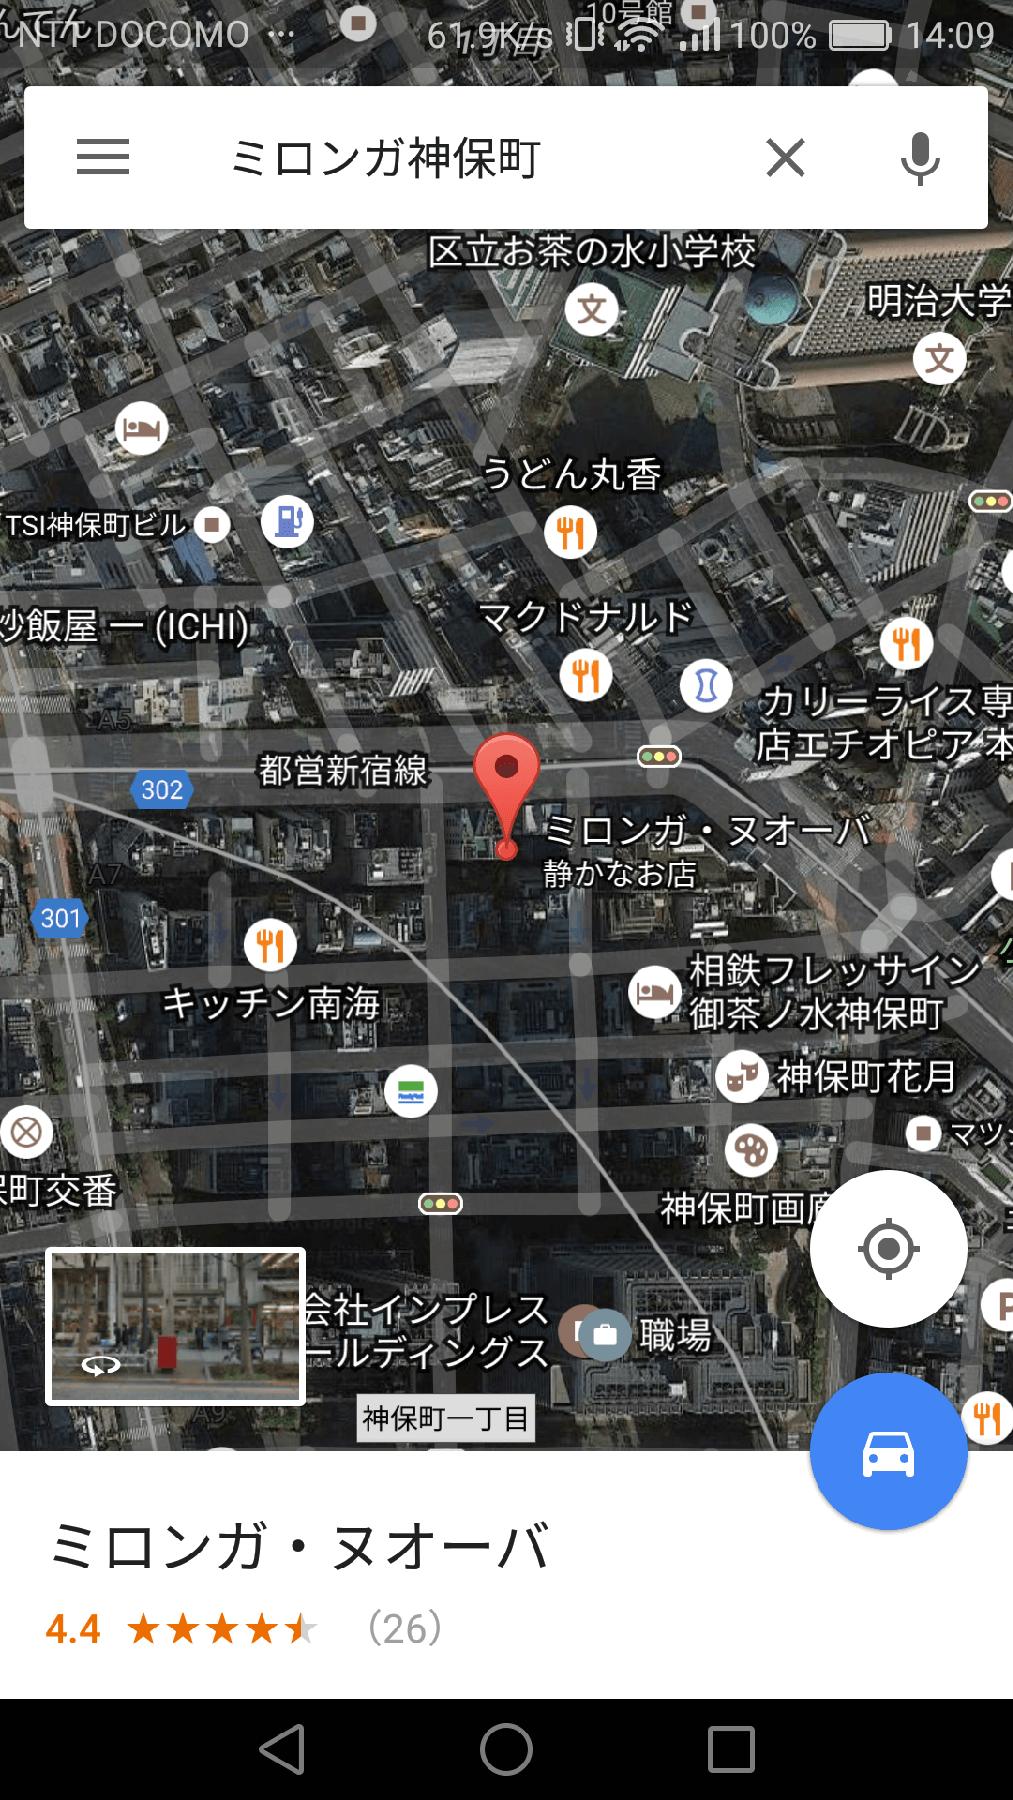 アンドロイド版[マップ]アプリの画面